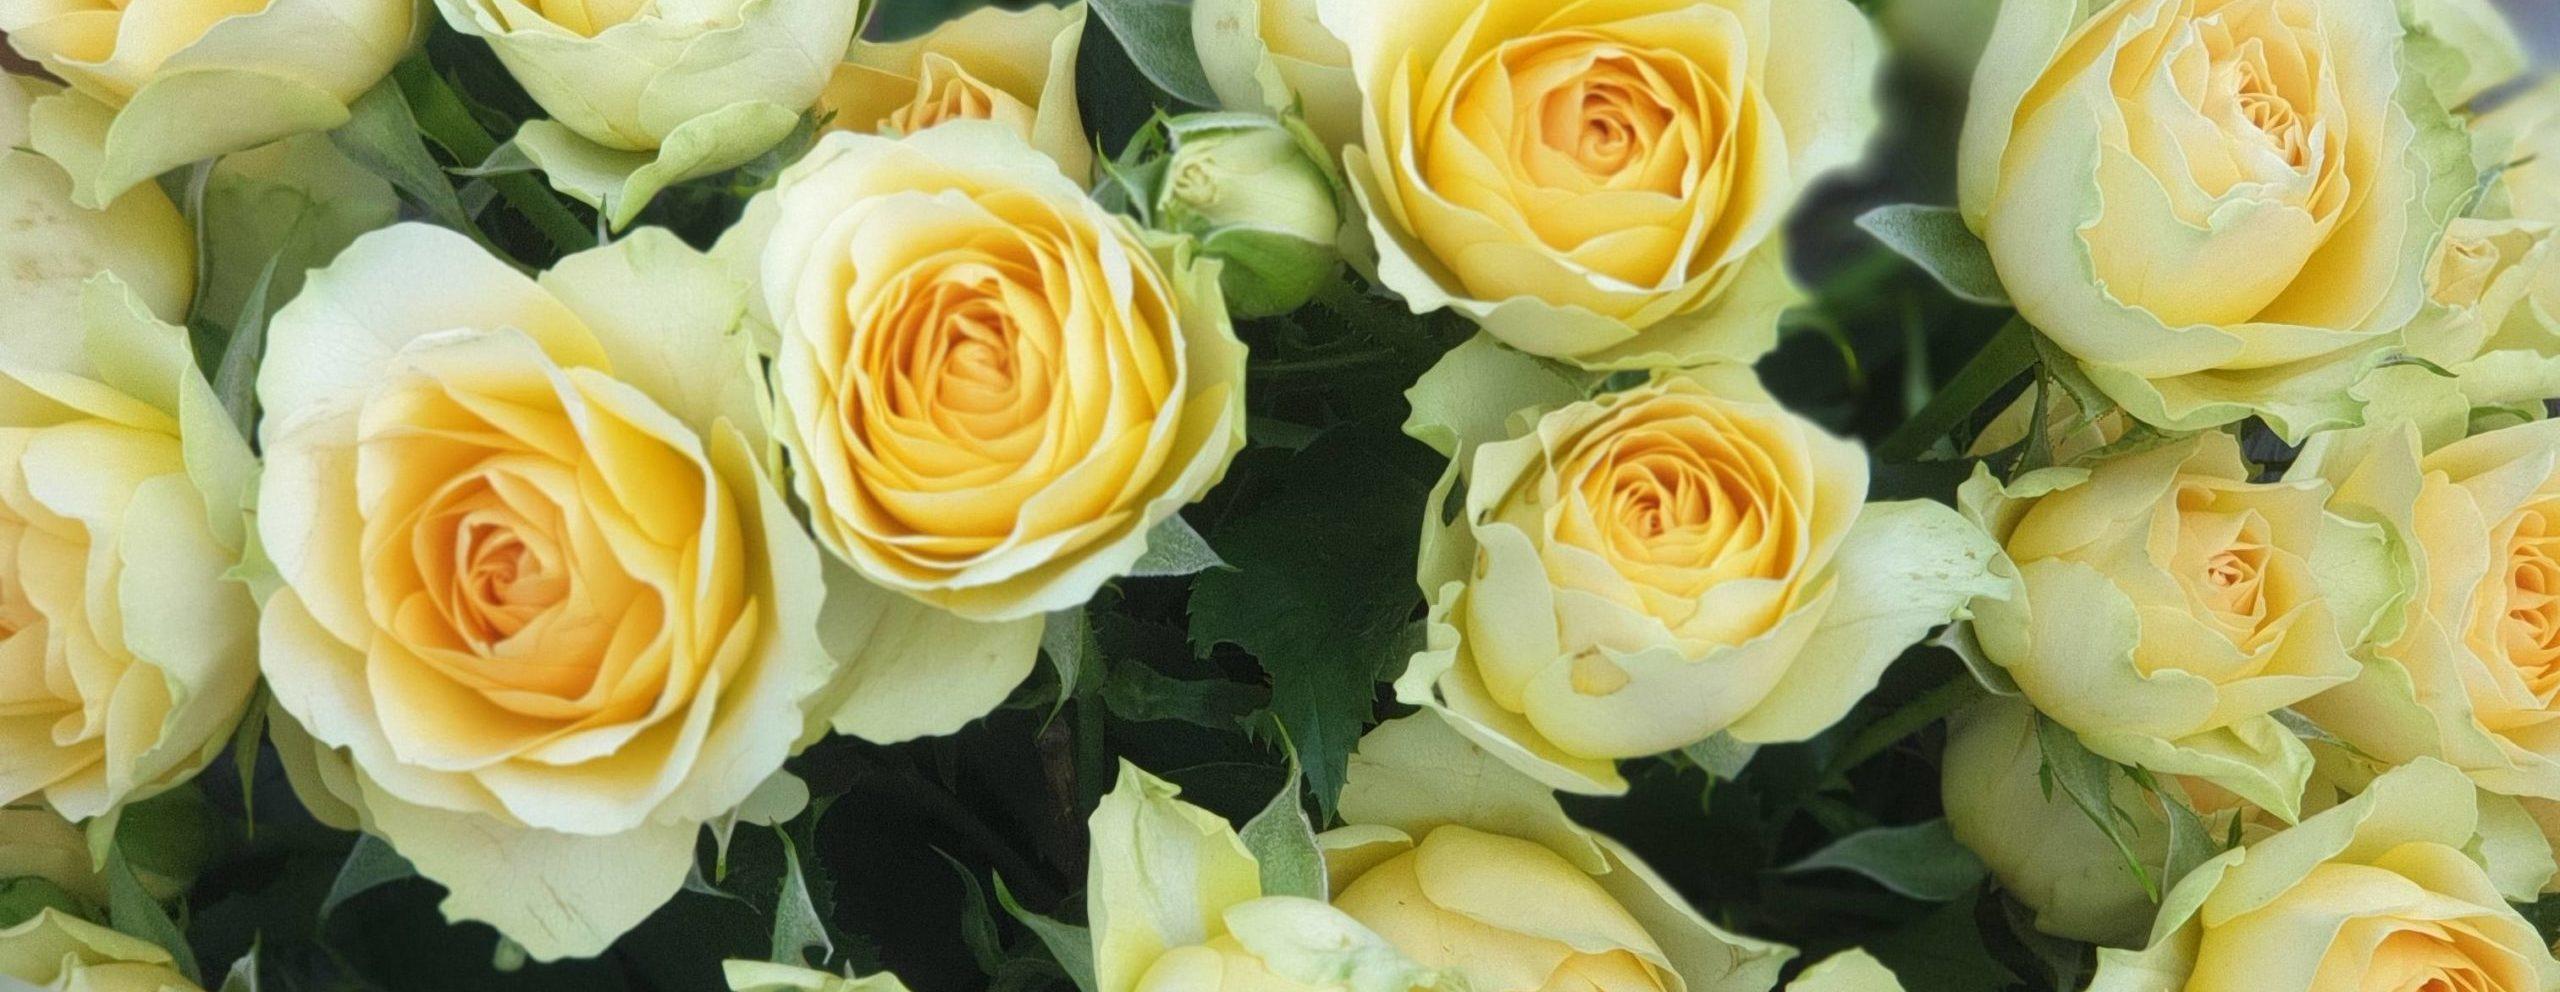 Роза Бандолеро 2